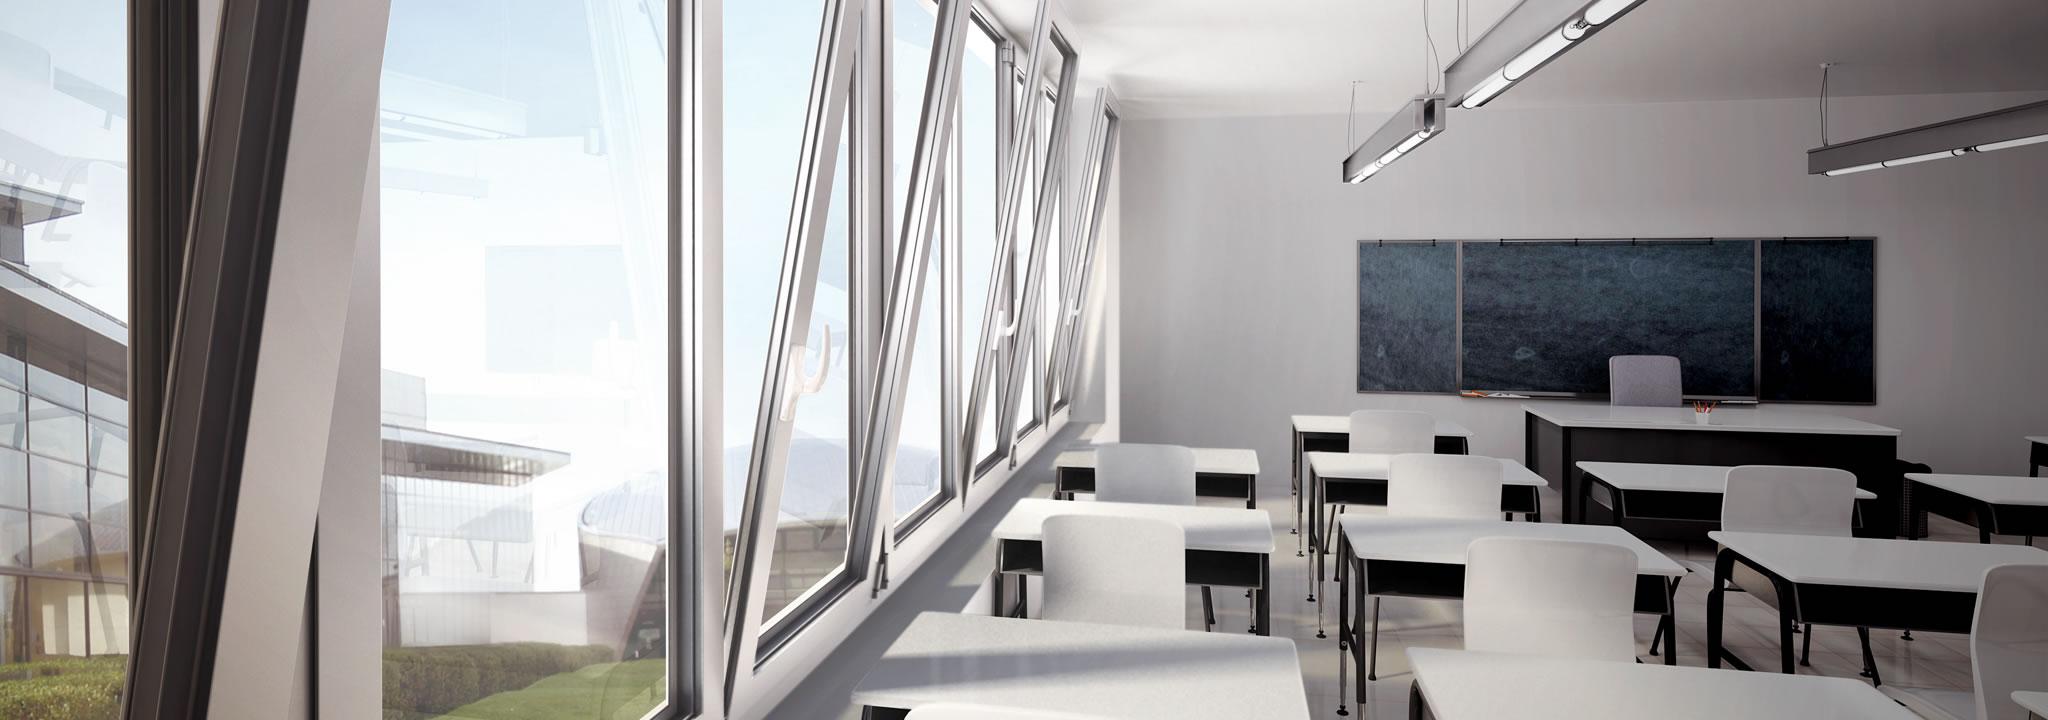 Savio Zubehör für Türen und Fenster aus Aluminium | Windowo